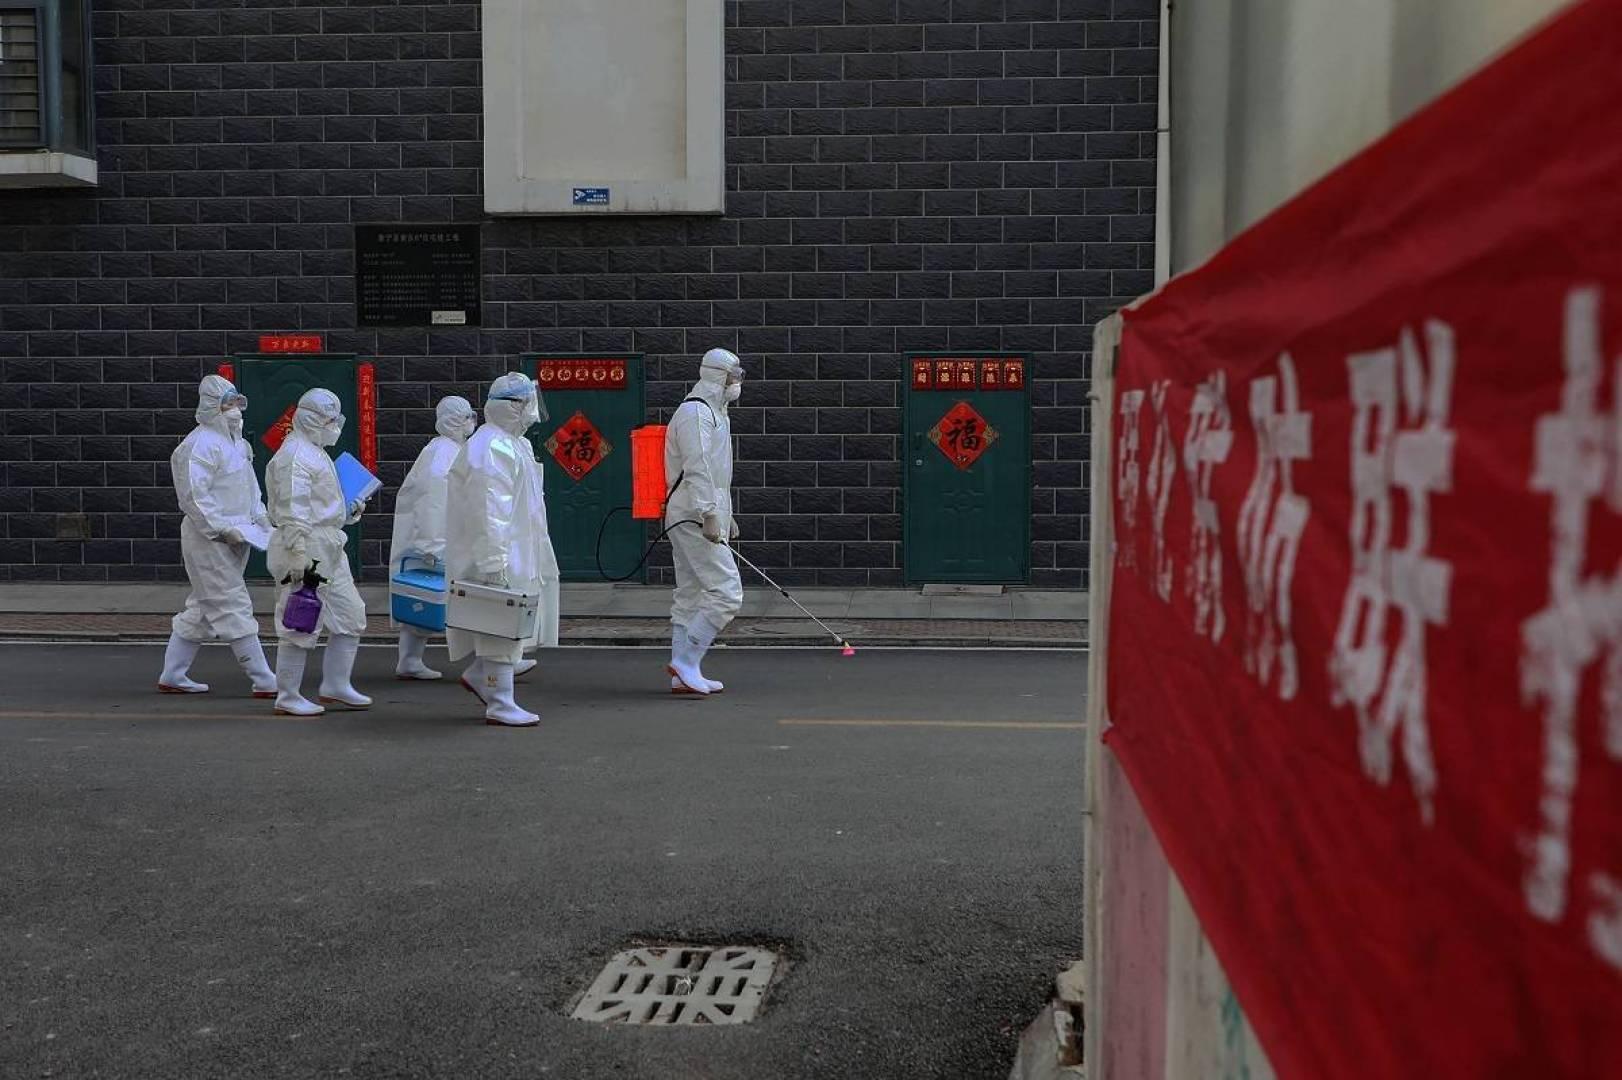 الصين تطلق تطبيقا ينبه مواطنيها لوجود مصابين بـ«كورونا» بالقرب منهم